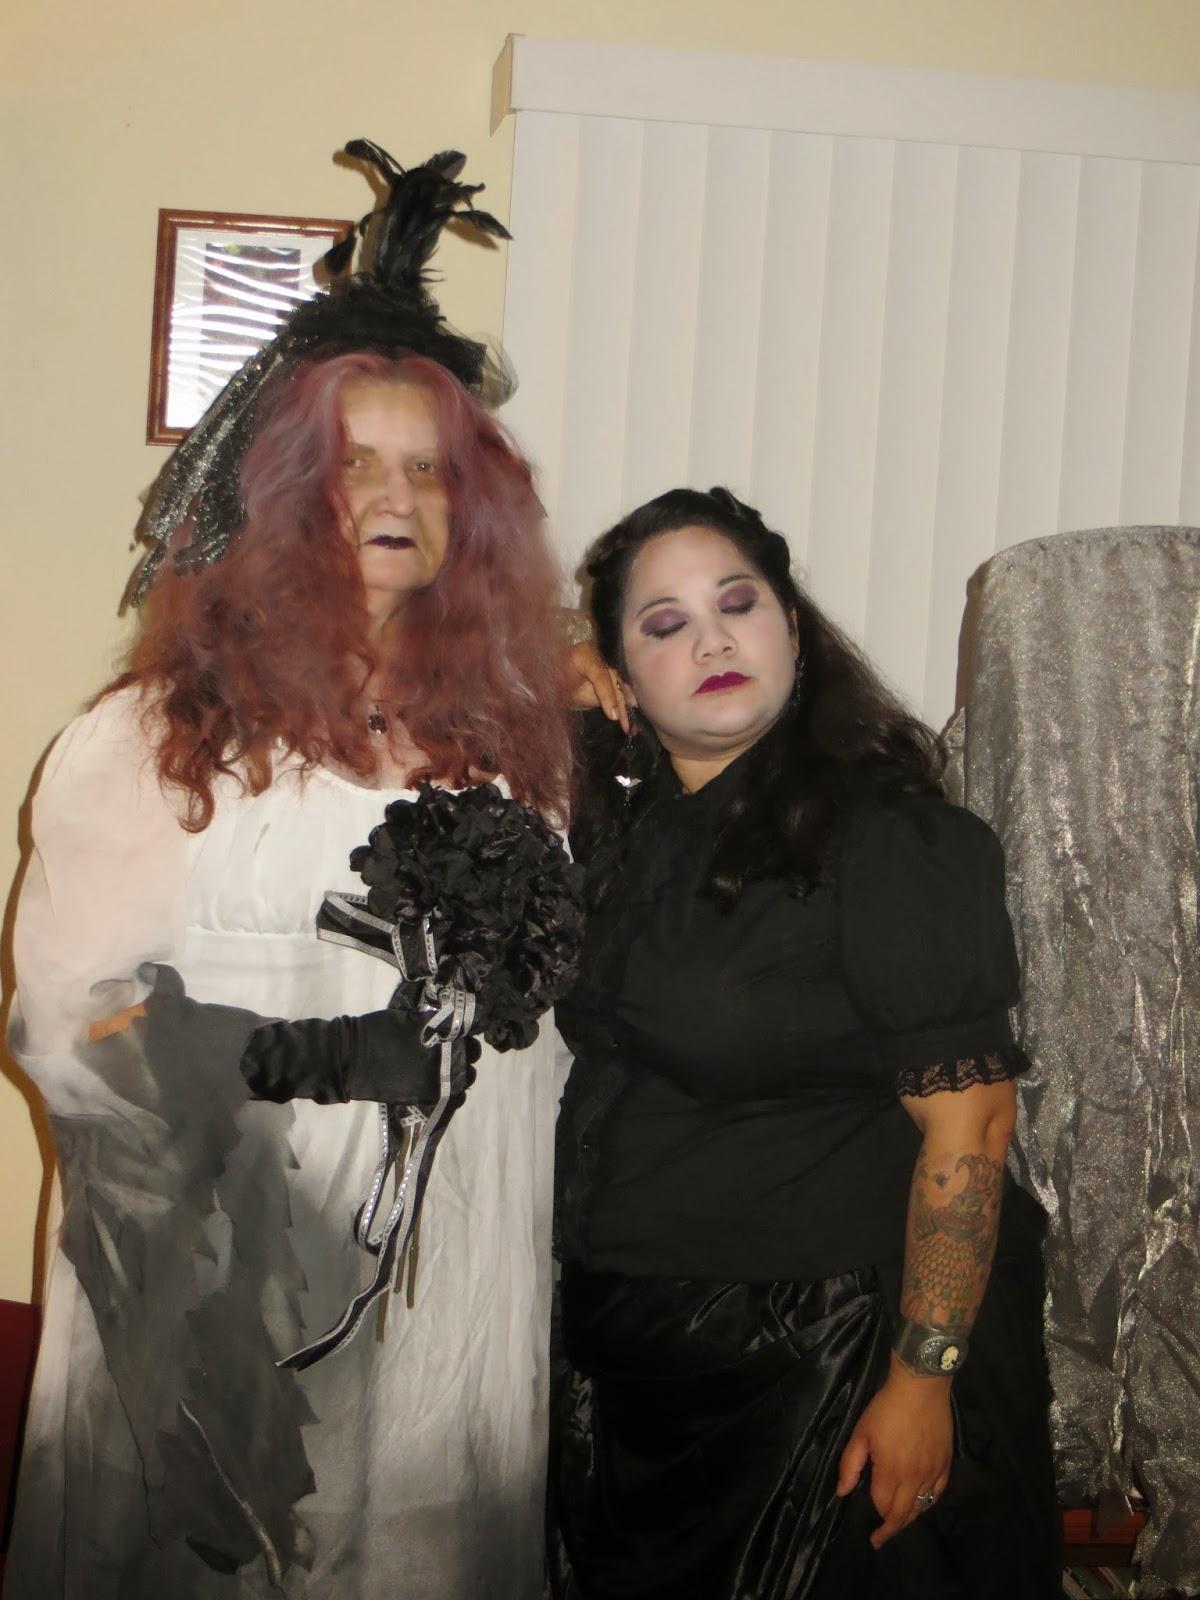 Skankiest Halloween Costumes Sweetie Suz: Halloween...